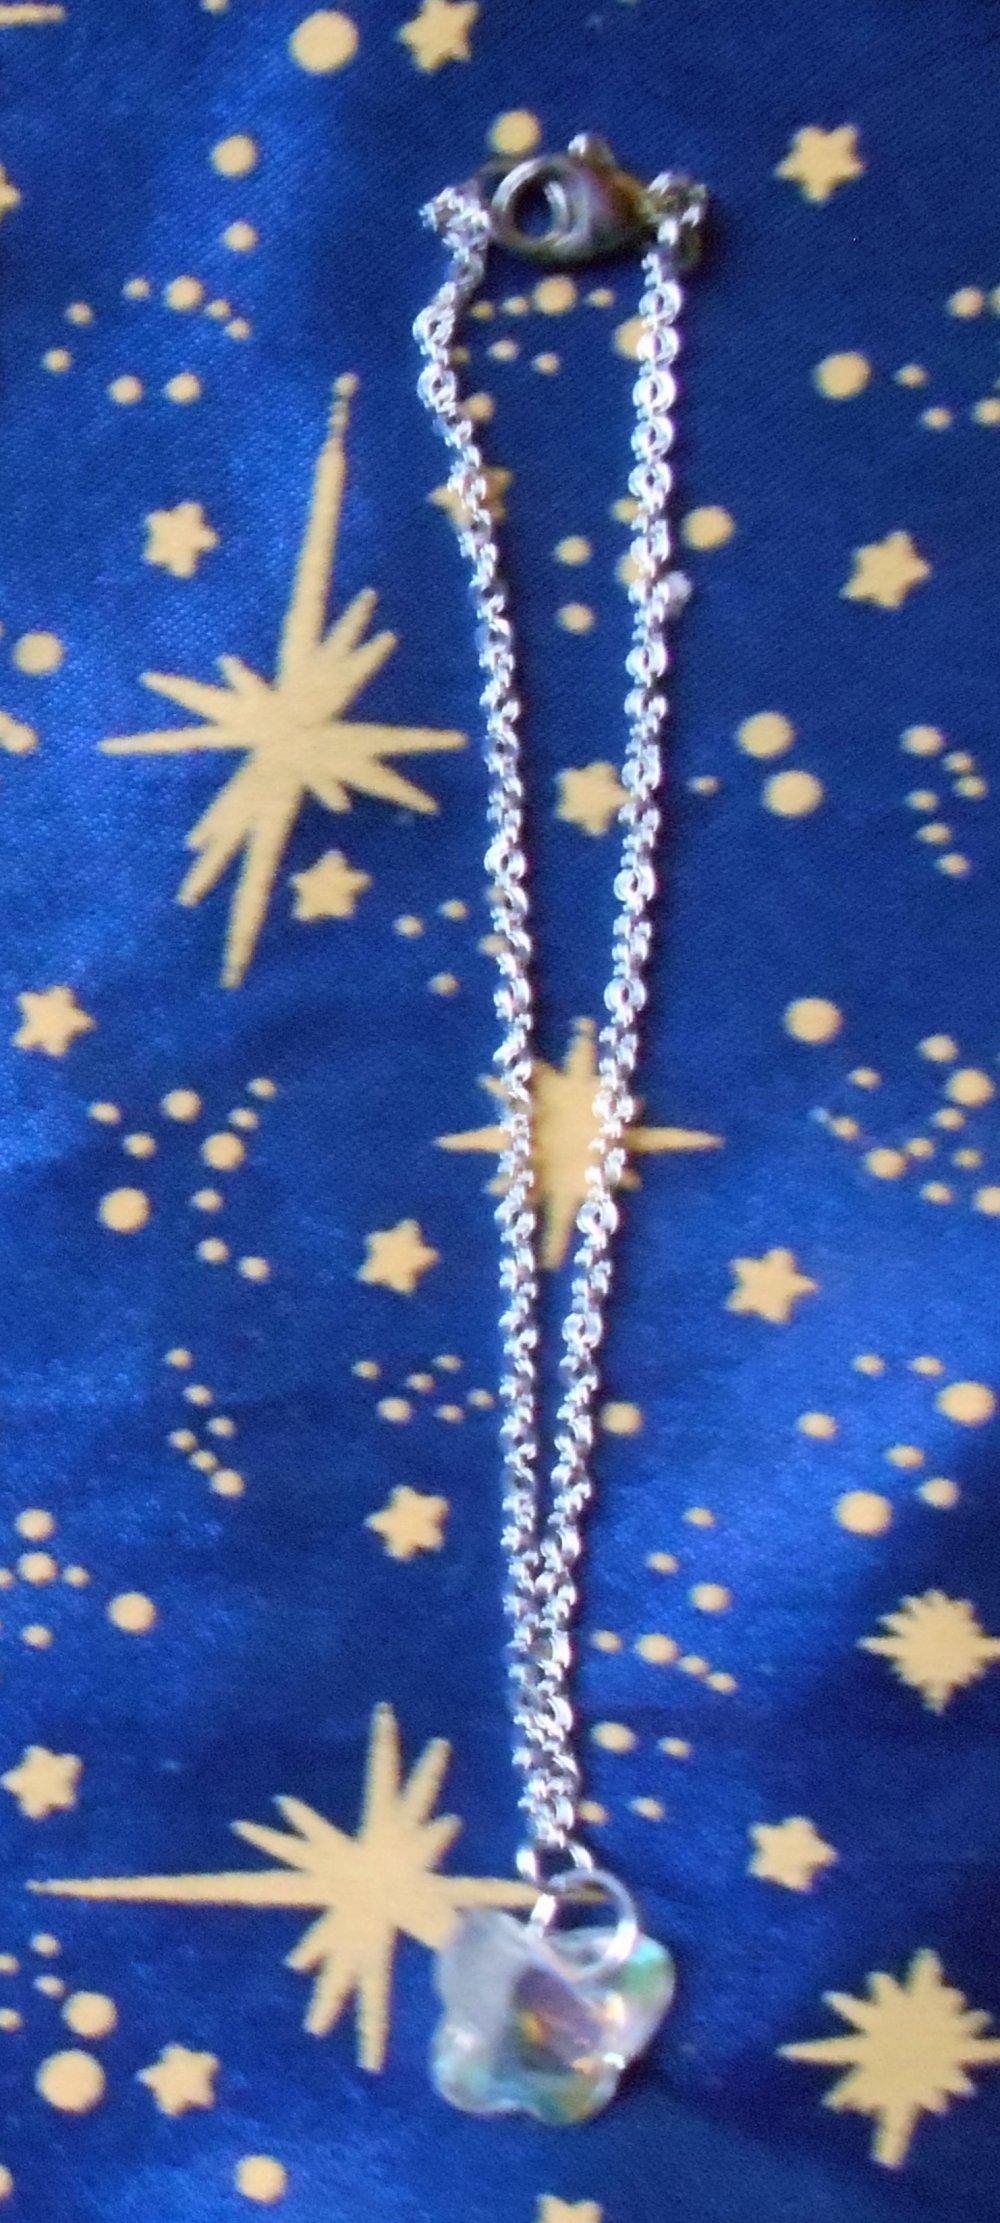 Chaîne de cheville en inox avec cristal de swarovski forme papillon blanc transparent.